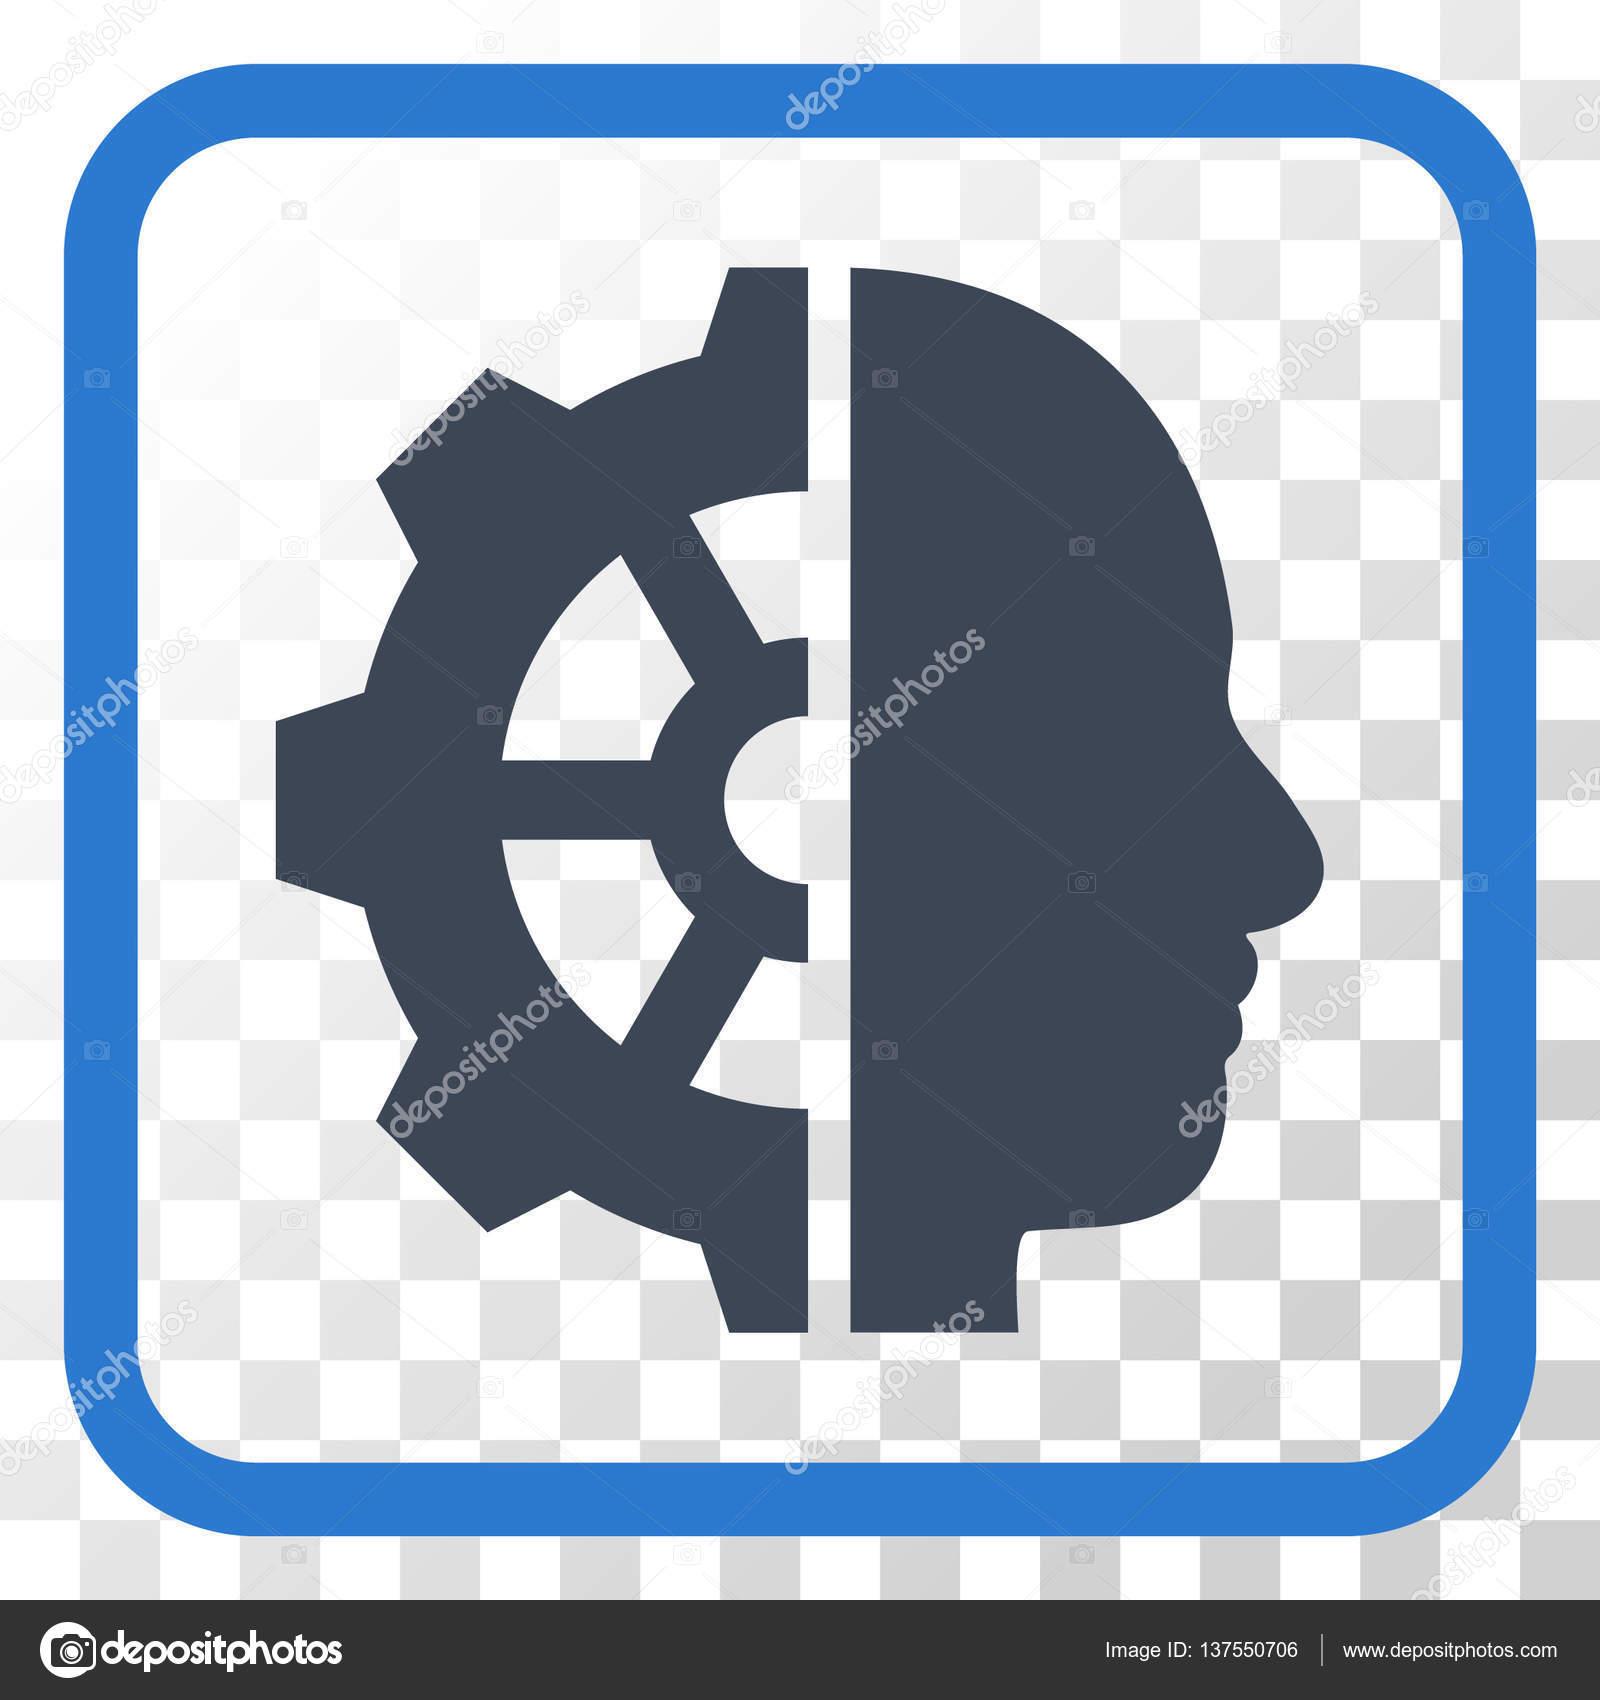 Как получить логотип на прозрачном фоне? Блог о создании лого 90